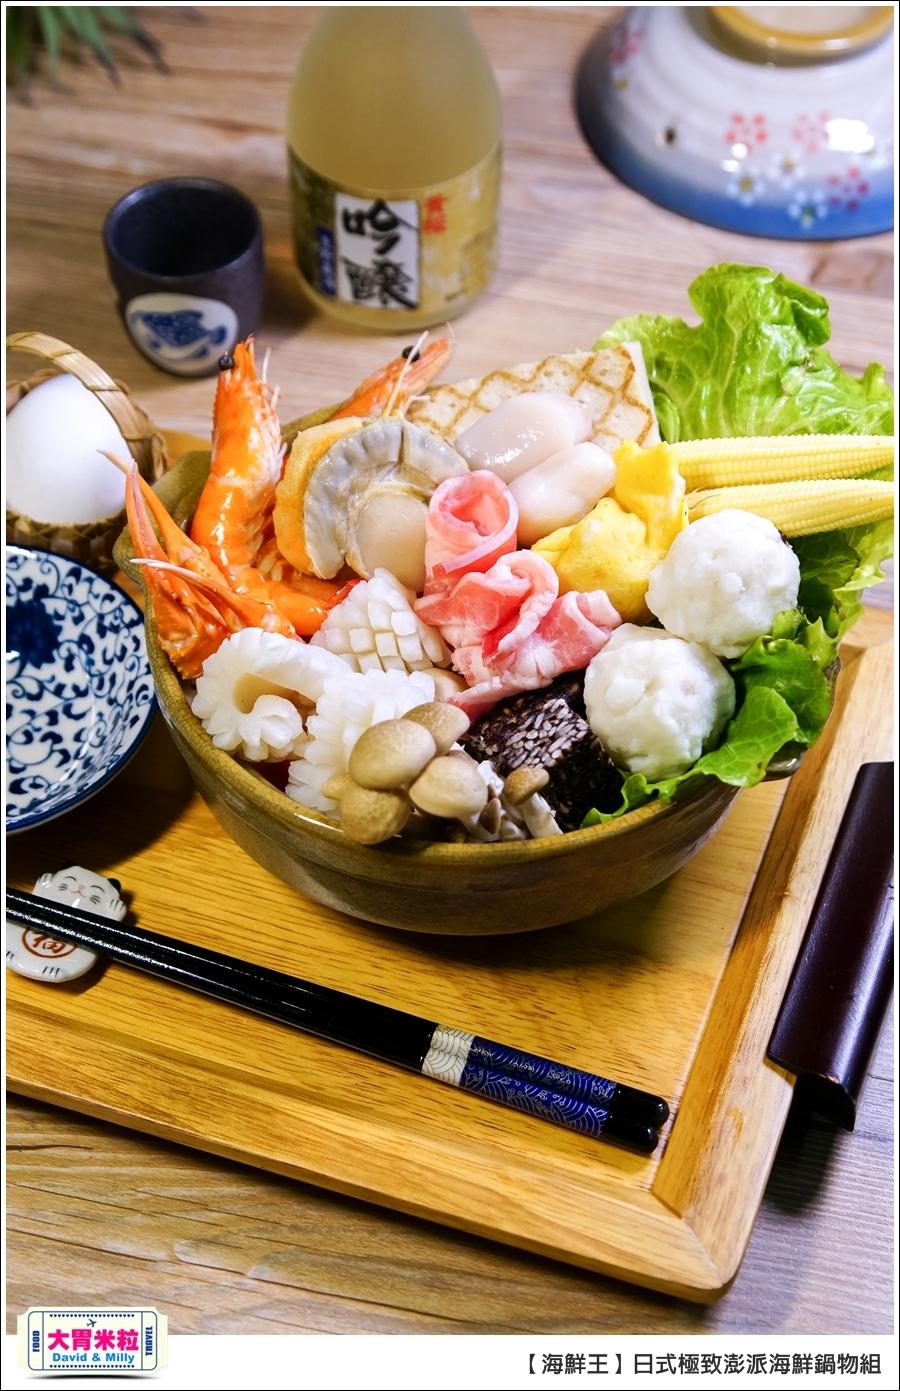 宅配海鮮推薦@海鮮王日式極致澎派海鮮鍋物@大胃米粒 0014.jpg